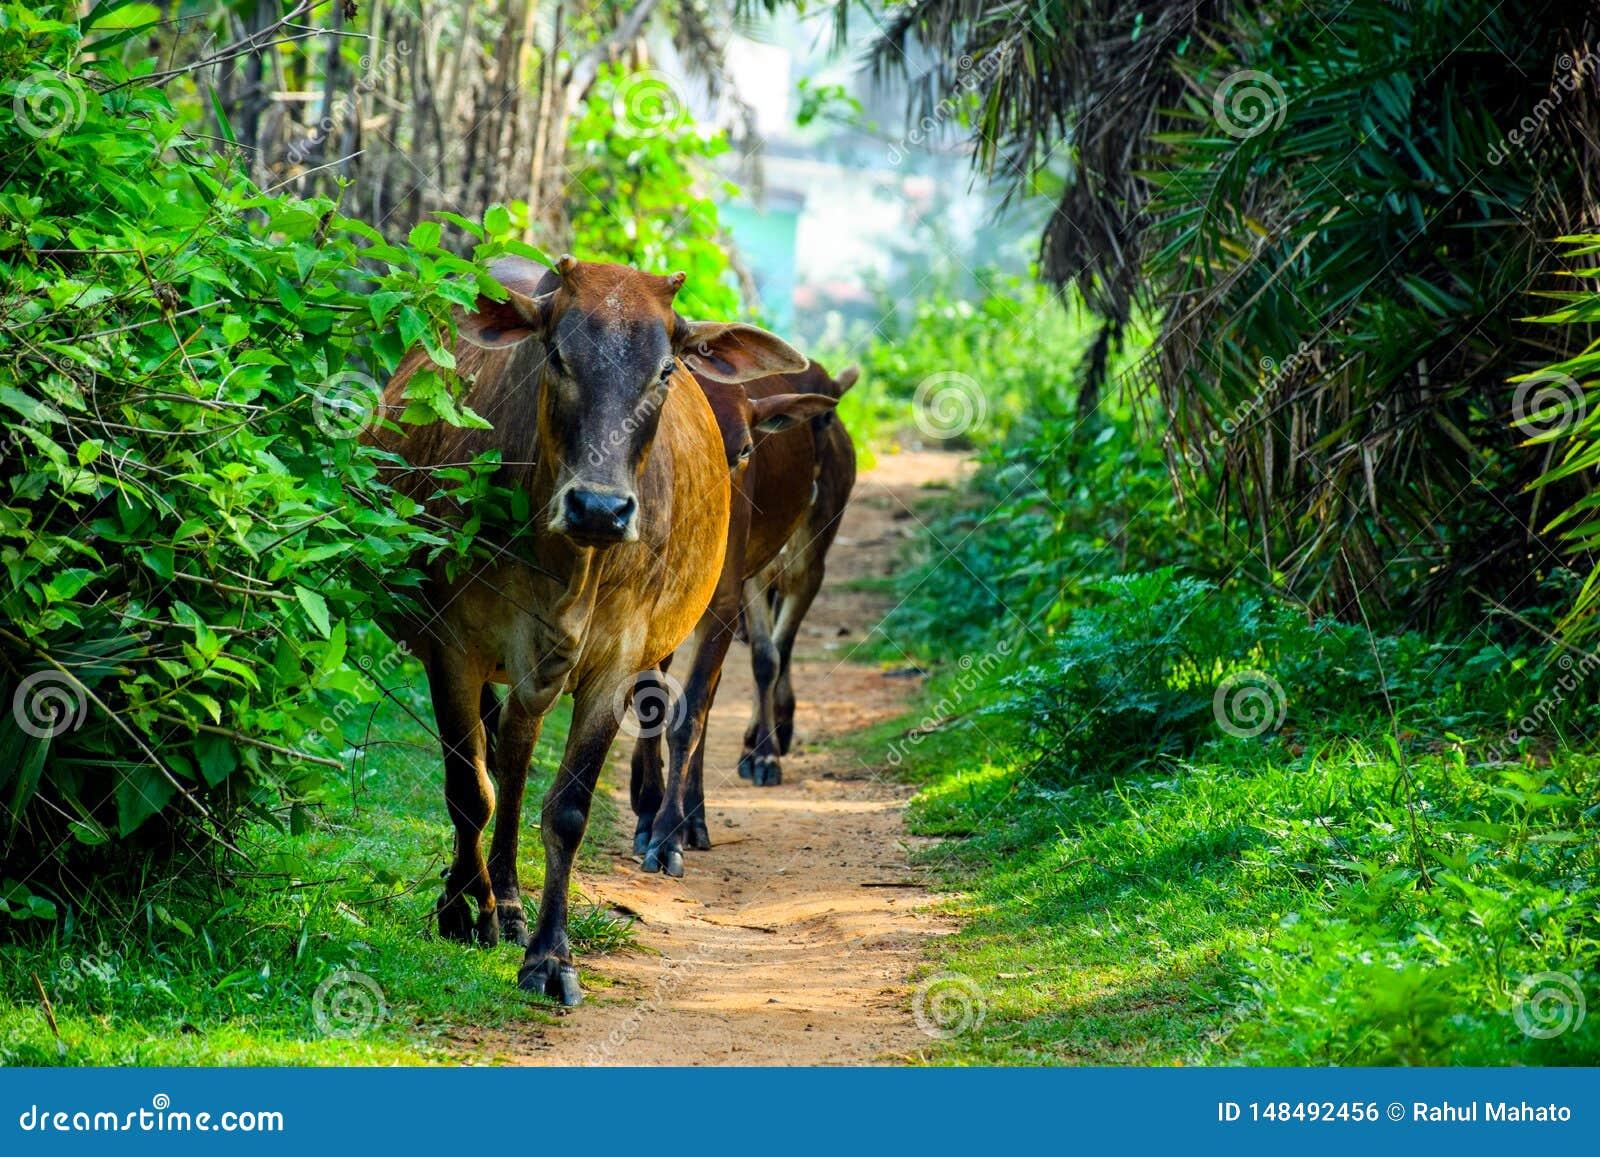 Коровы Брауна индийские пришли путь джунглей frome